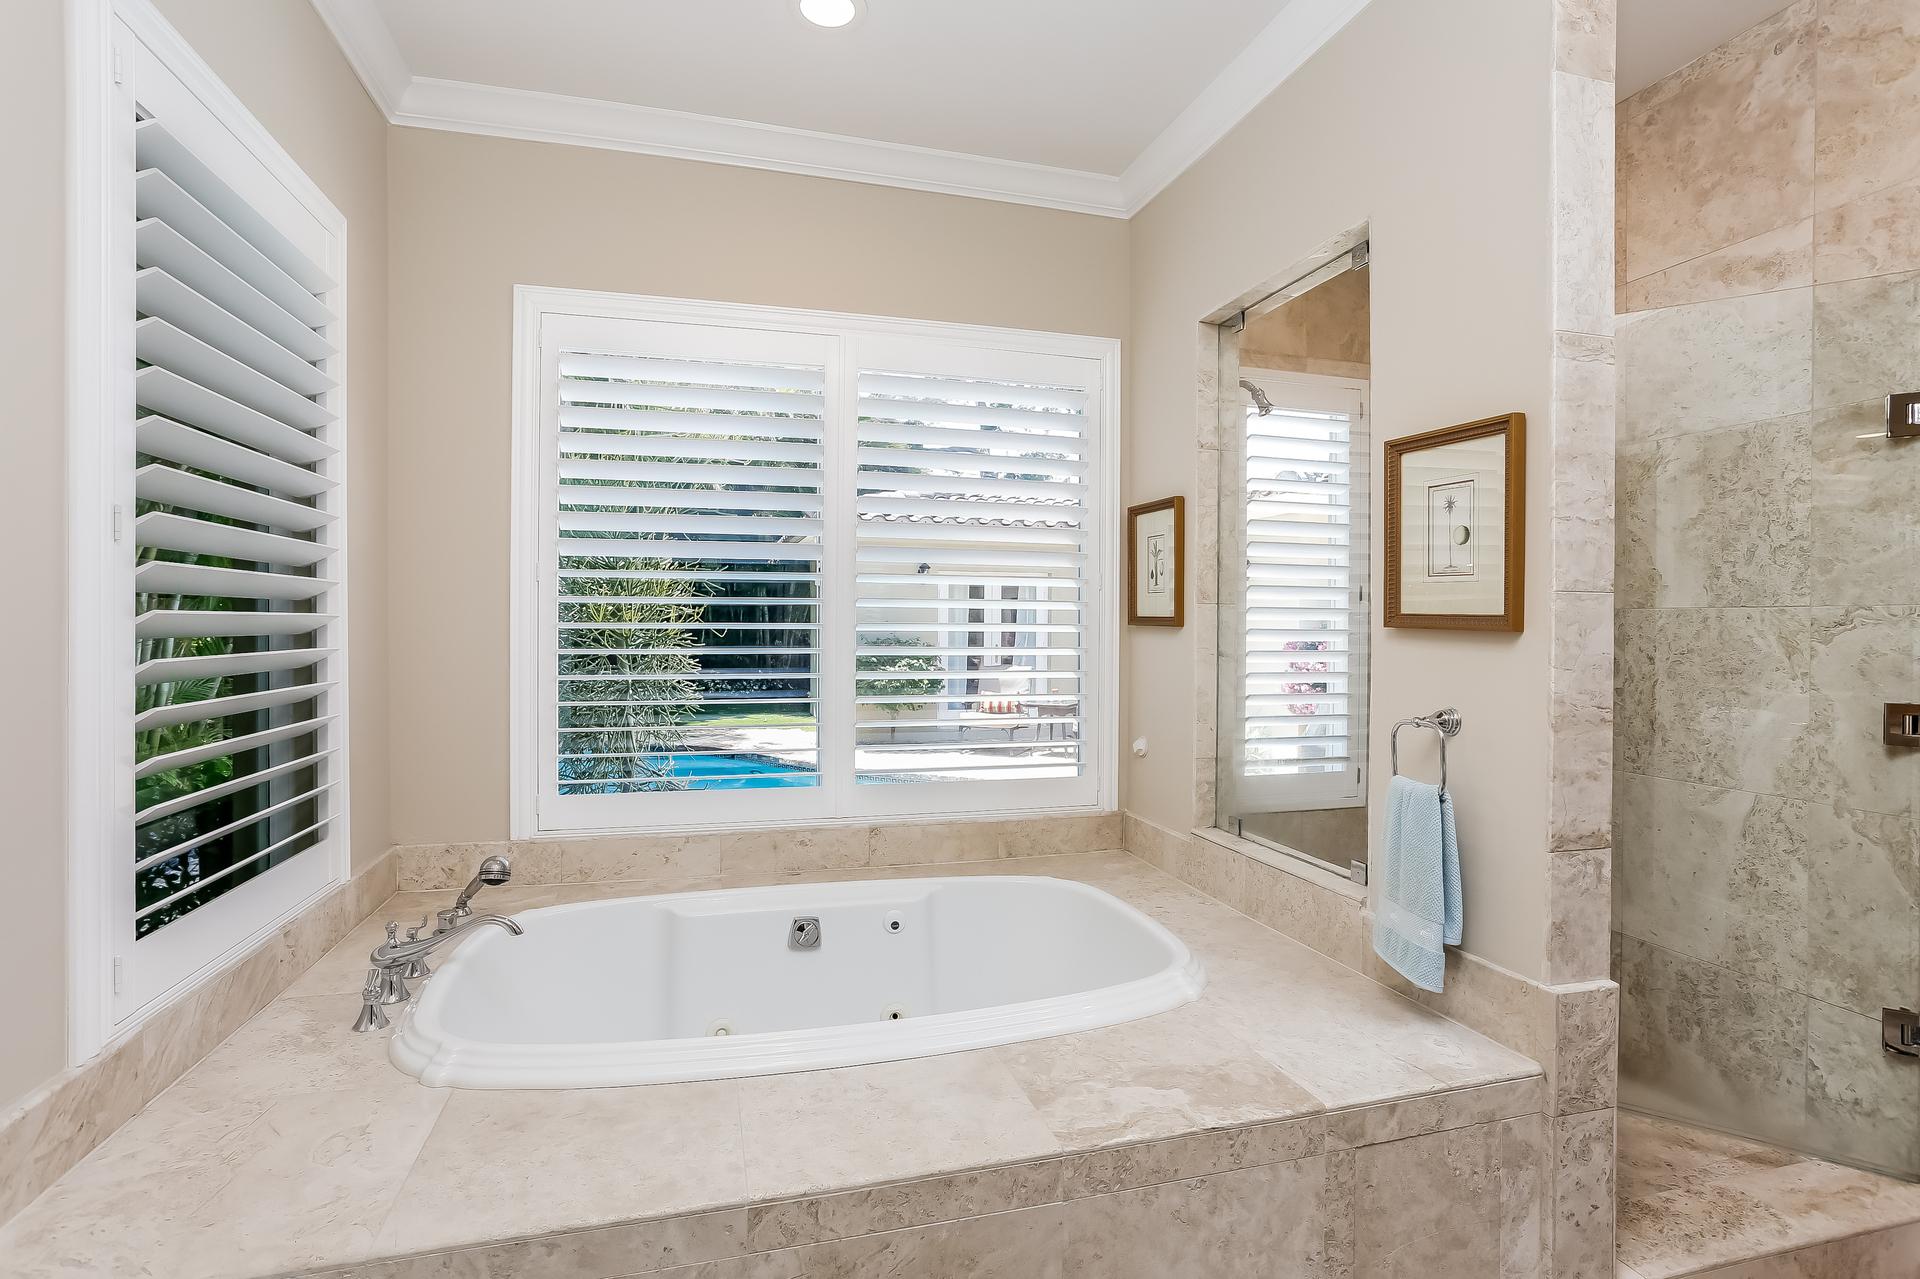 027-Master_Bathroom-2647597-medium.jpg